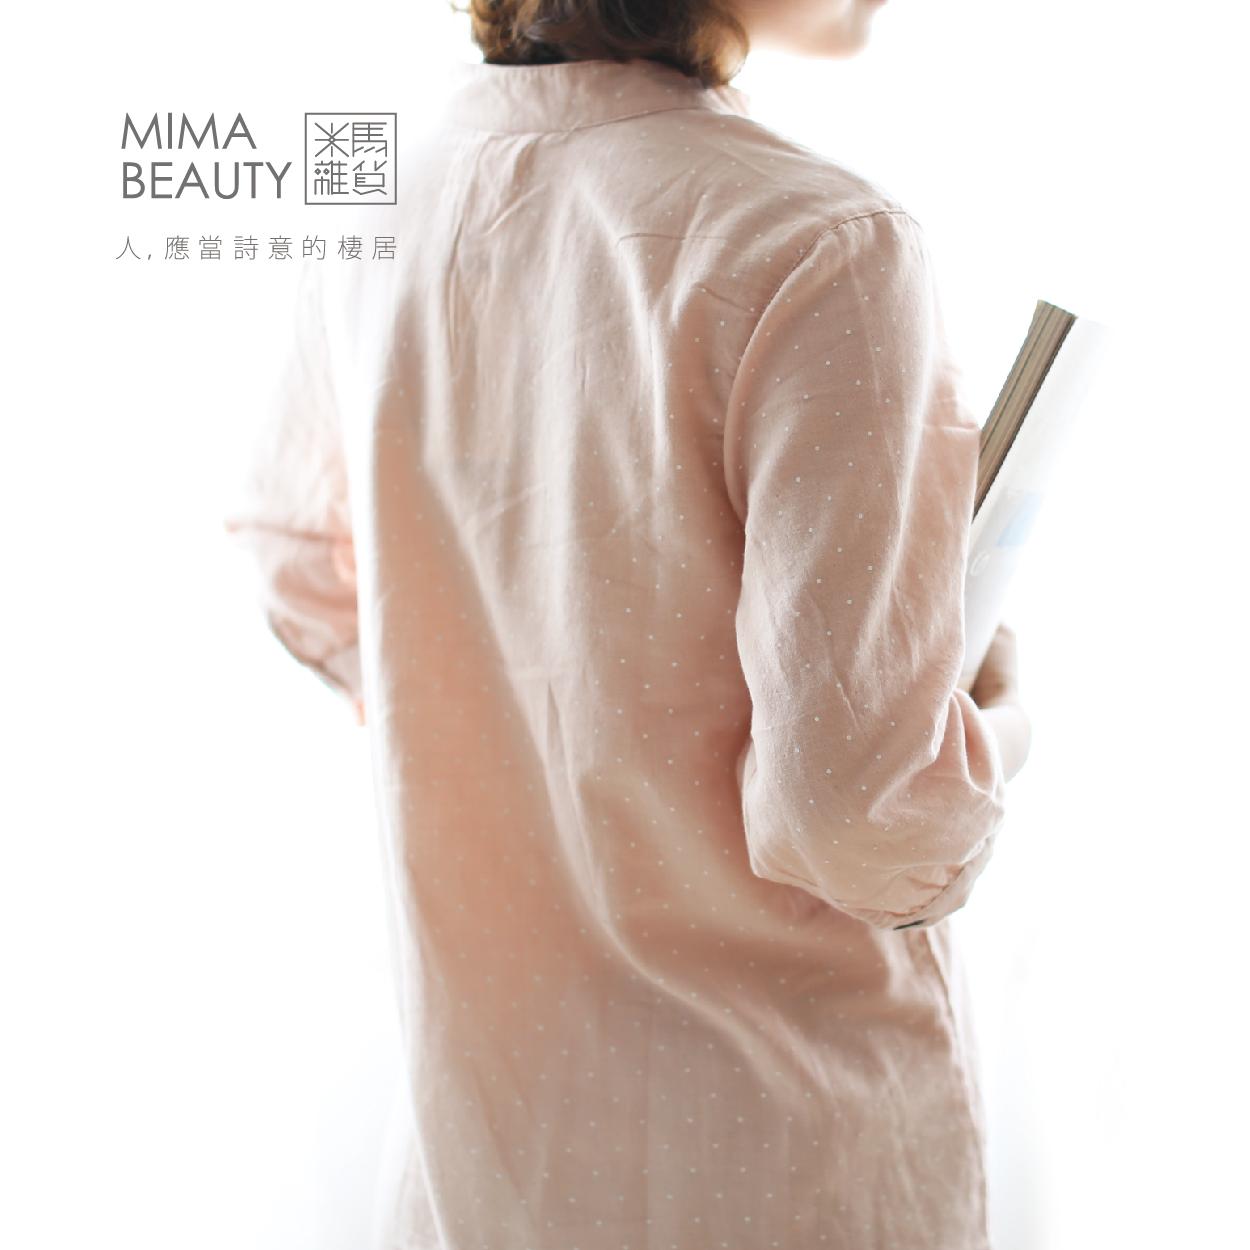 米马杂货 日式睡裙 双层密织棉纱布 像我这样随随便便的人